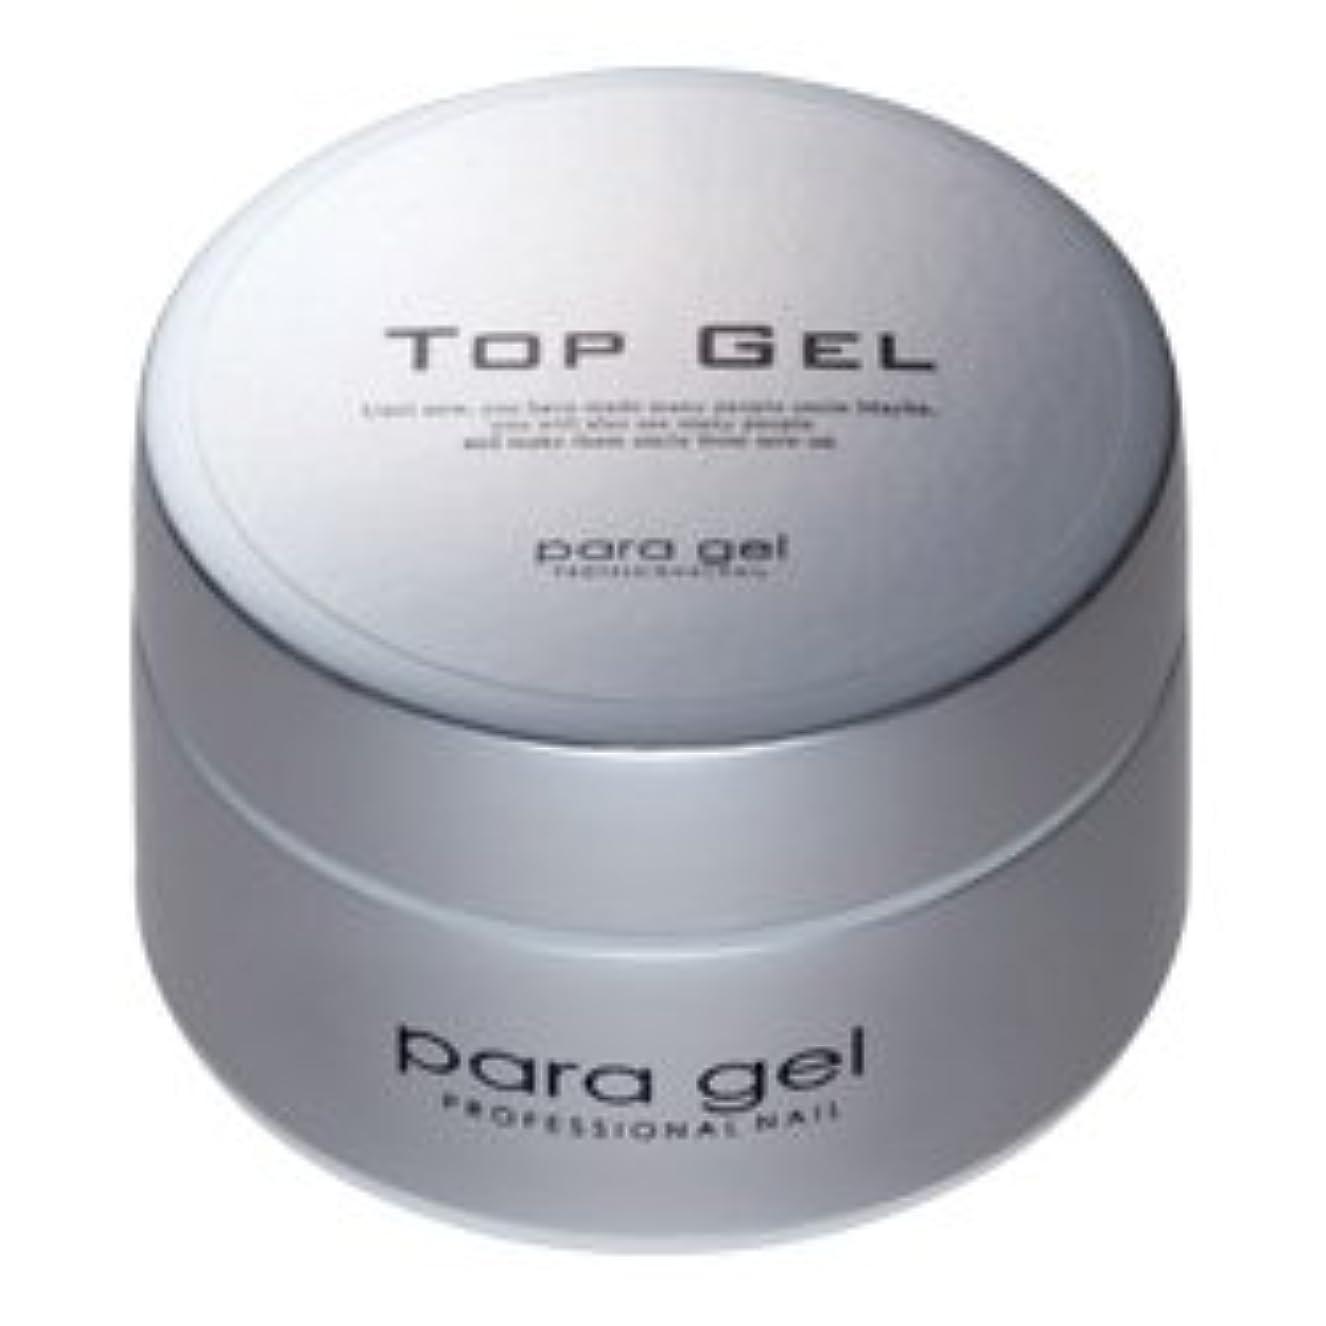 土器プランターエール★para gel(パラジェル) <BR>トップジェル 10g